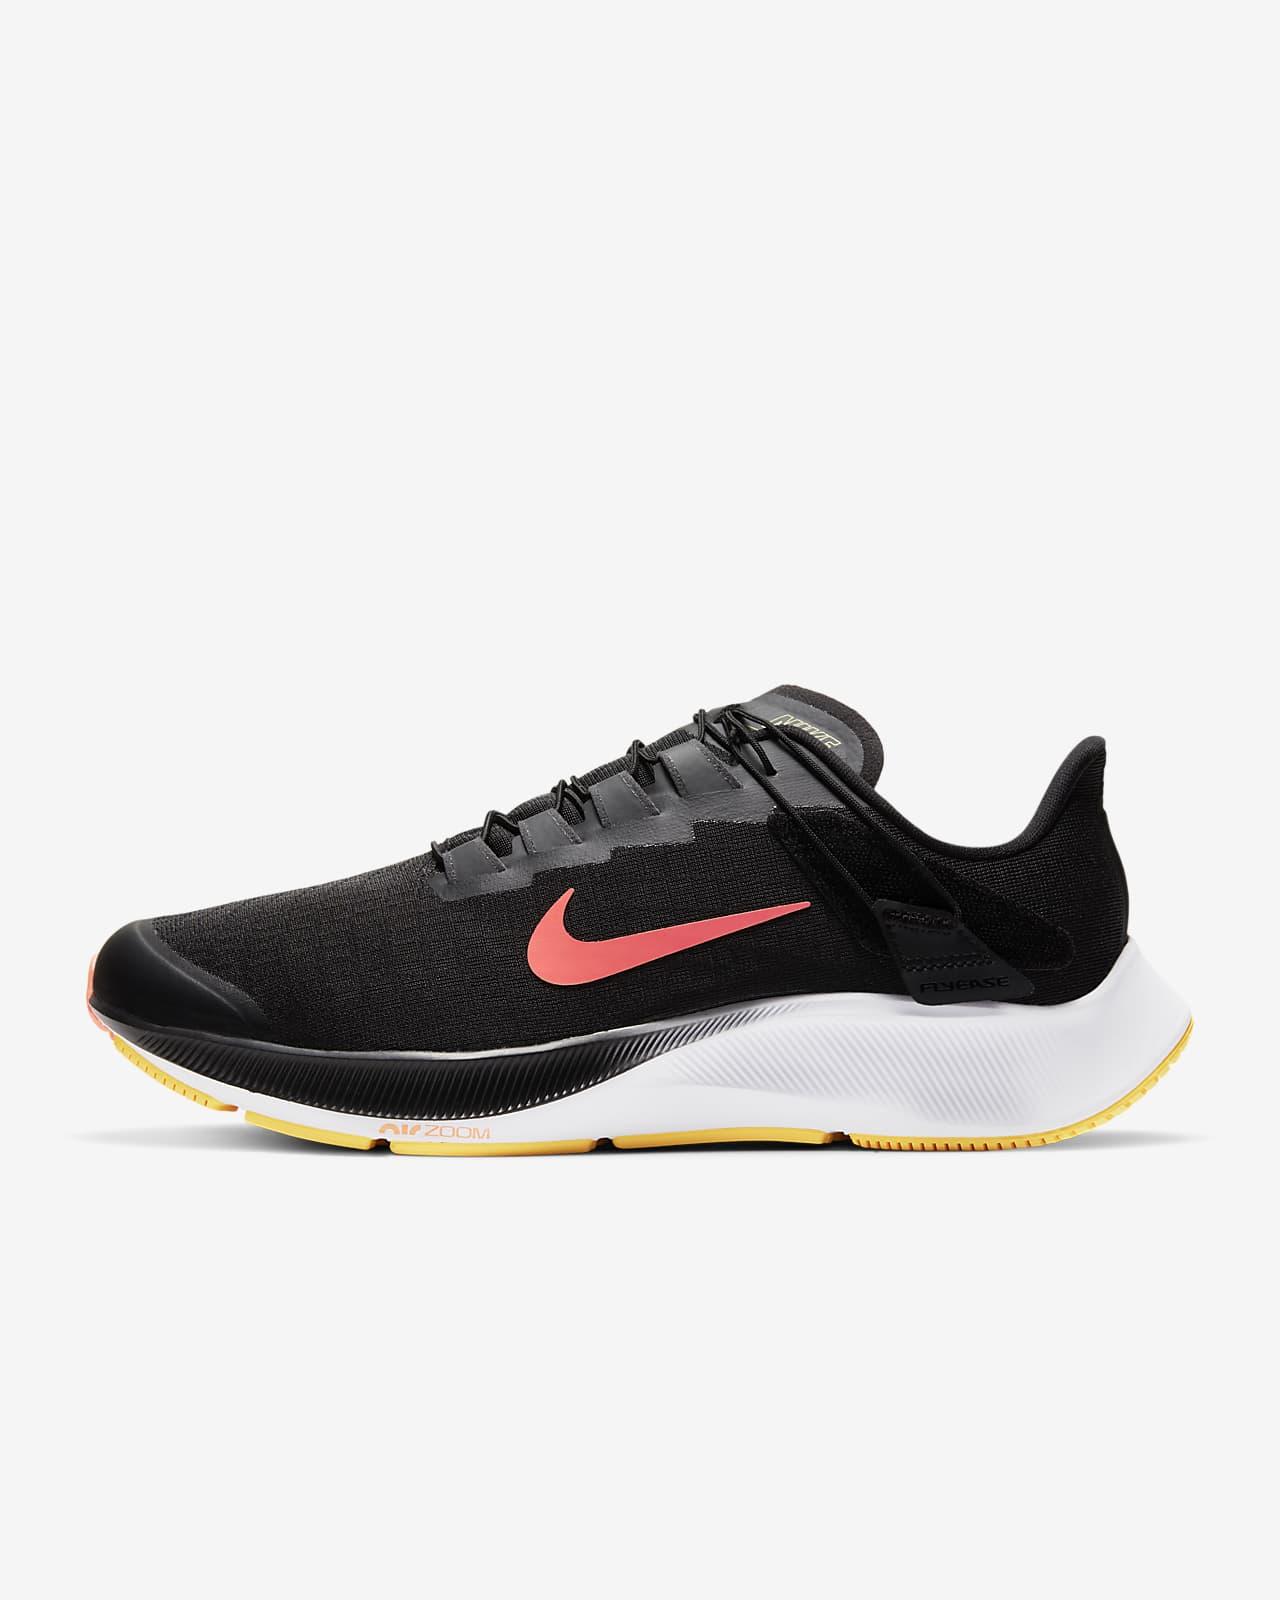 Nike Air Zoom Pegasus 37 FlyEase férfi futócipő (extraszéles kialakítású)